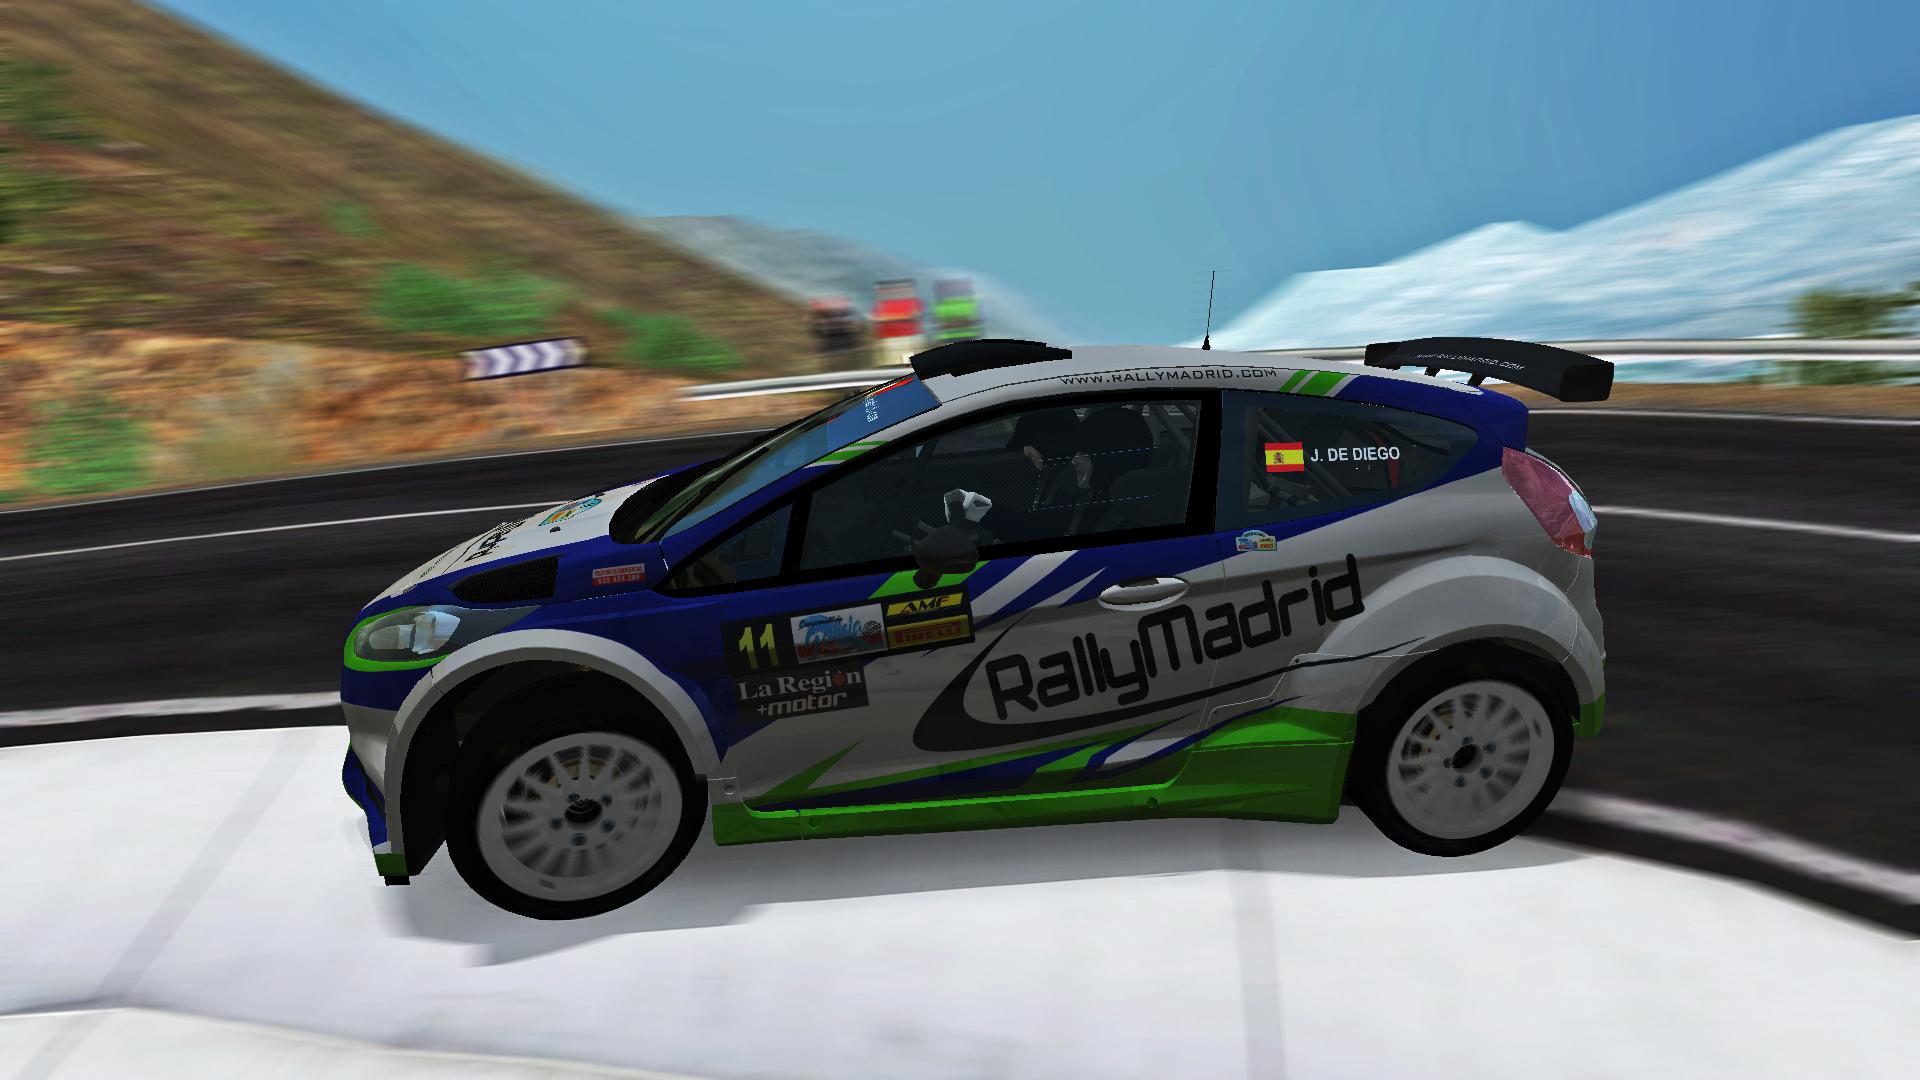 2. CGRV - Rallye De Noia - Página 2 Rbr_71025kwu